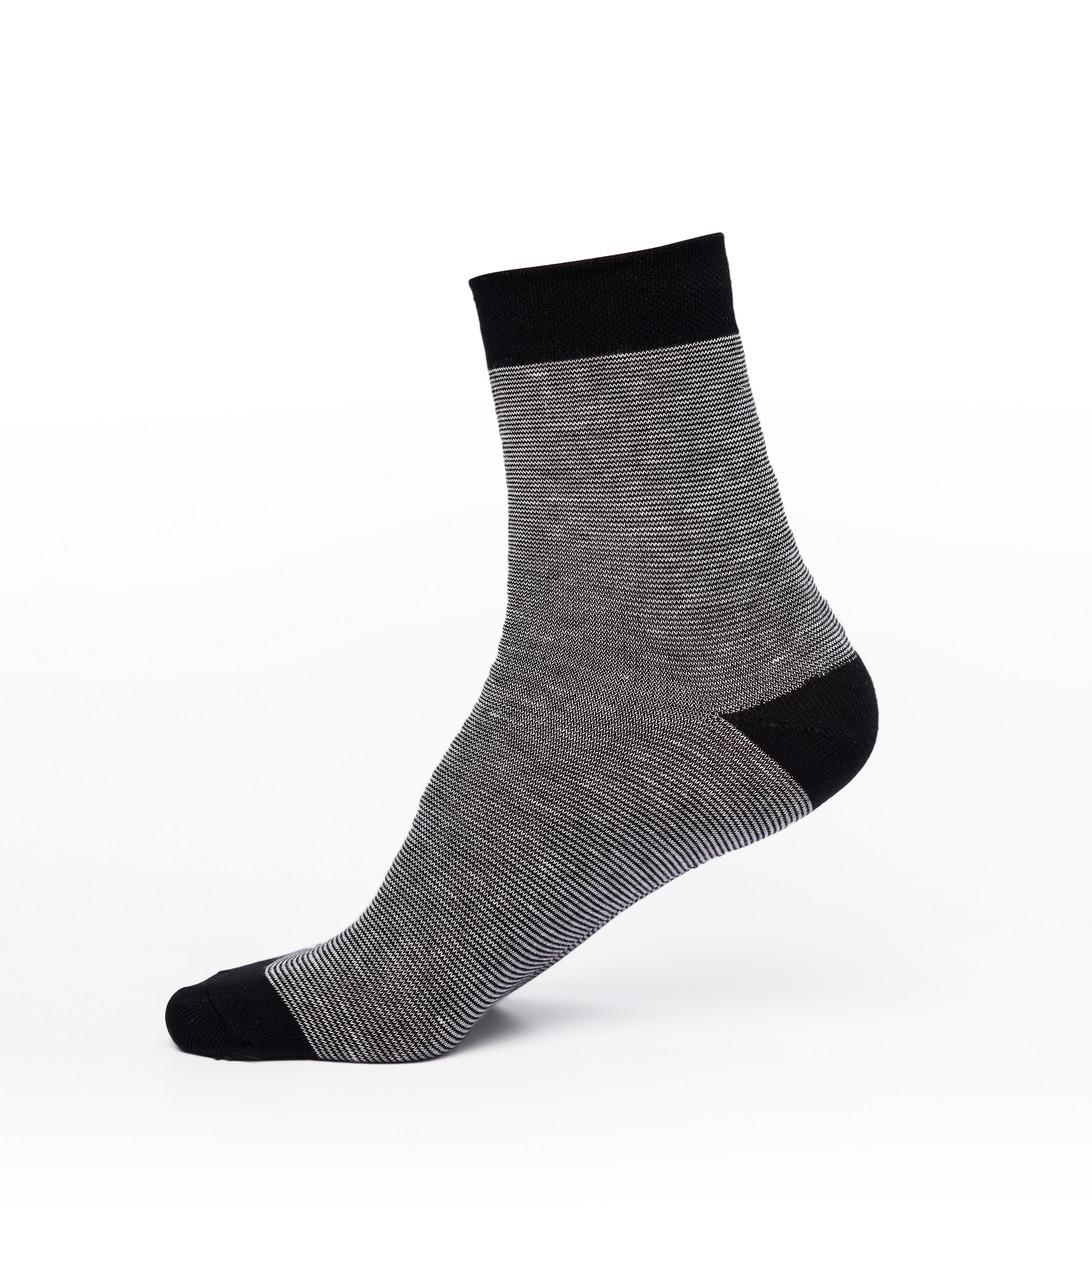 Мужские носки, хлопок, чёрные с белым